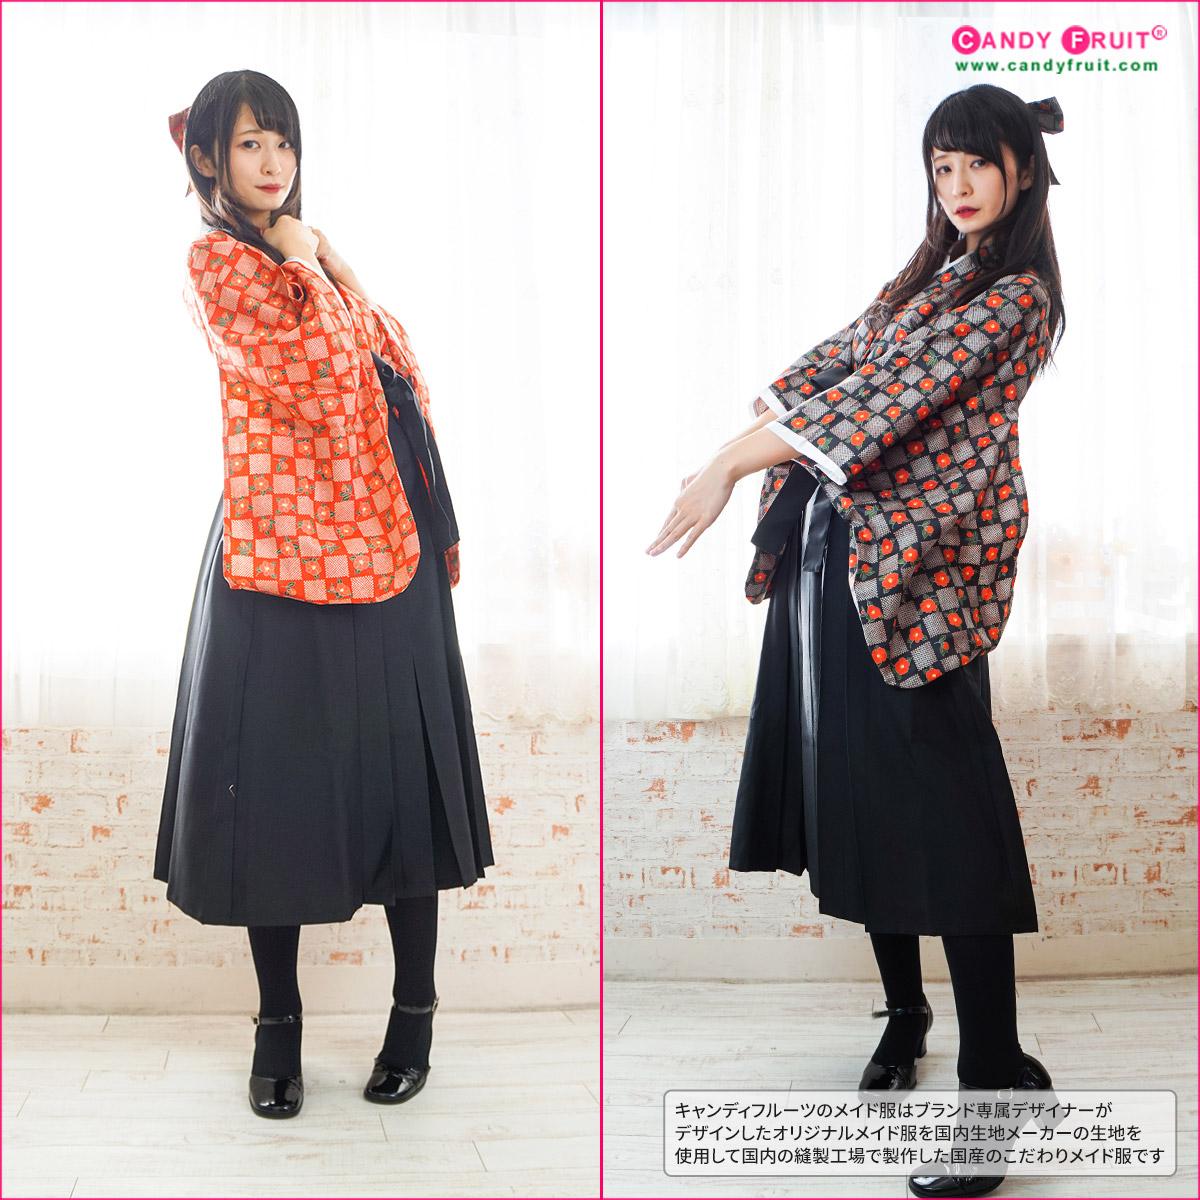 ハイカラロングメイド服(闇椿/紅椿)